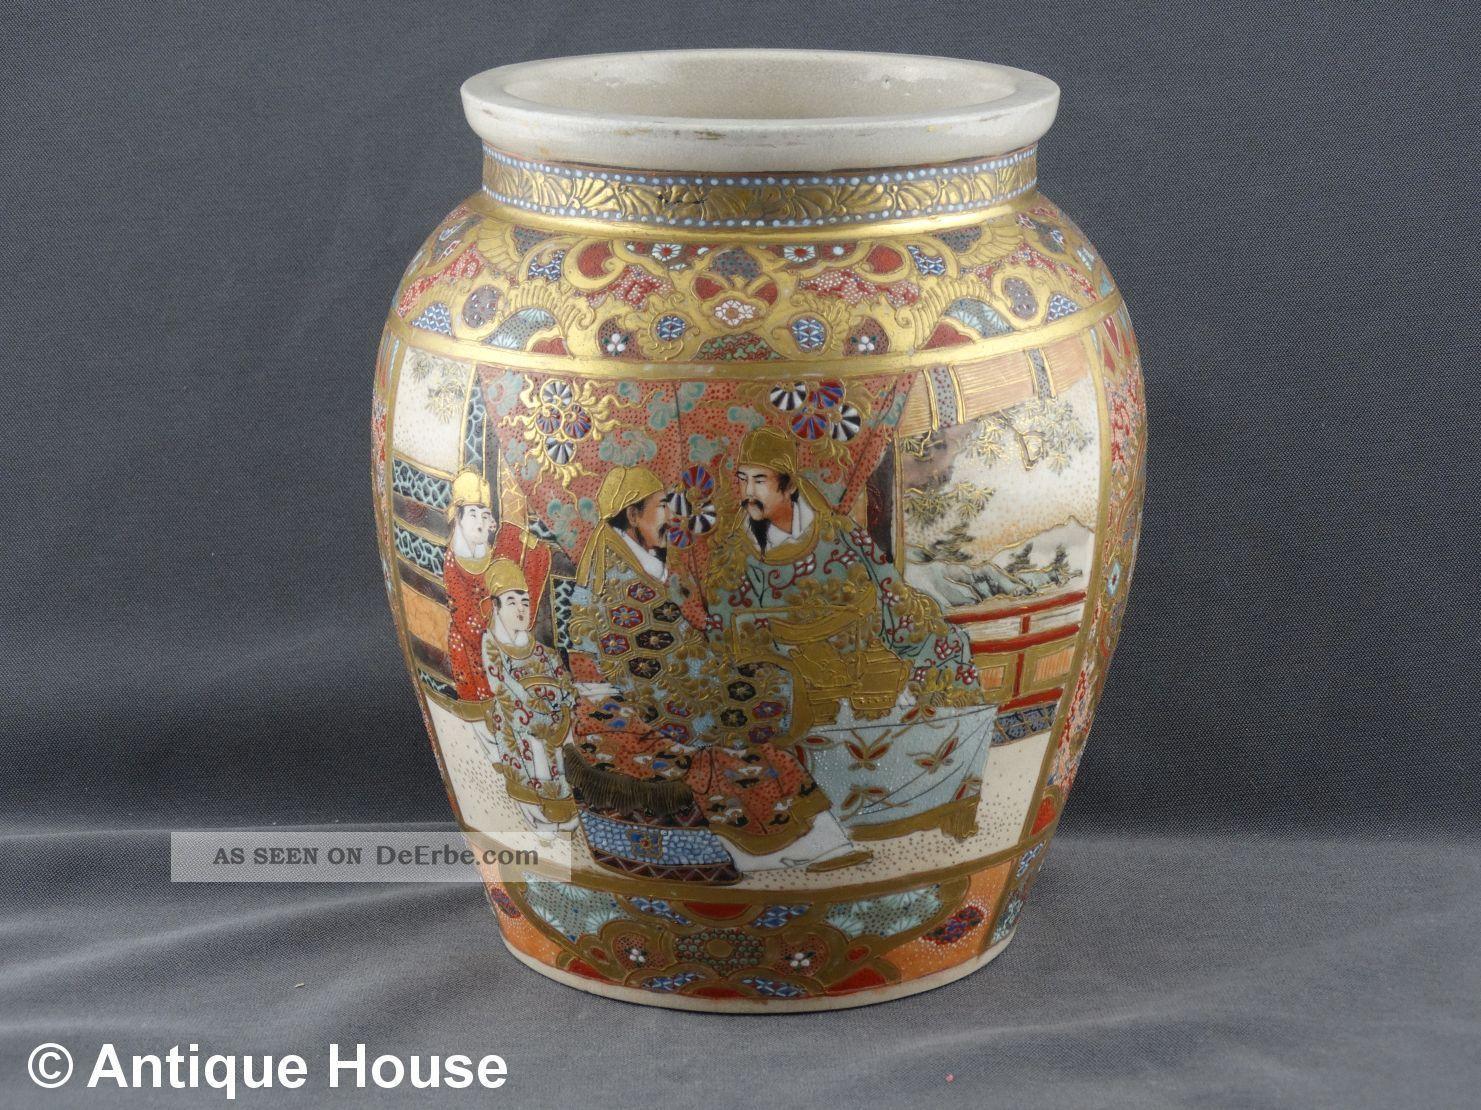 Satsuma Japan Alte Vase Schultertopf Motivmalerei Personen Krieger Um 1900 Nach Marke & Herkunft Bild